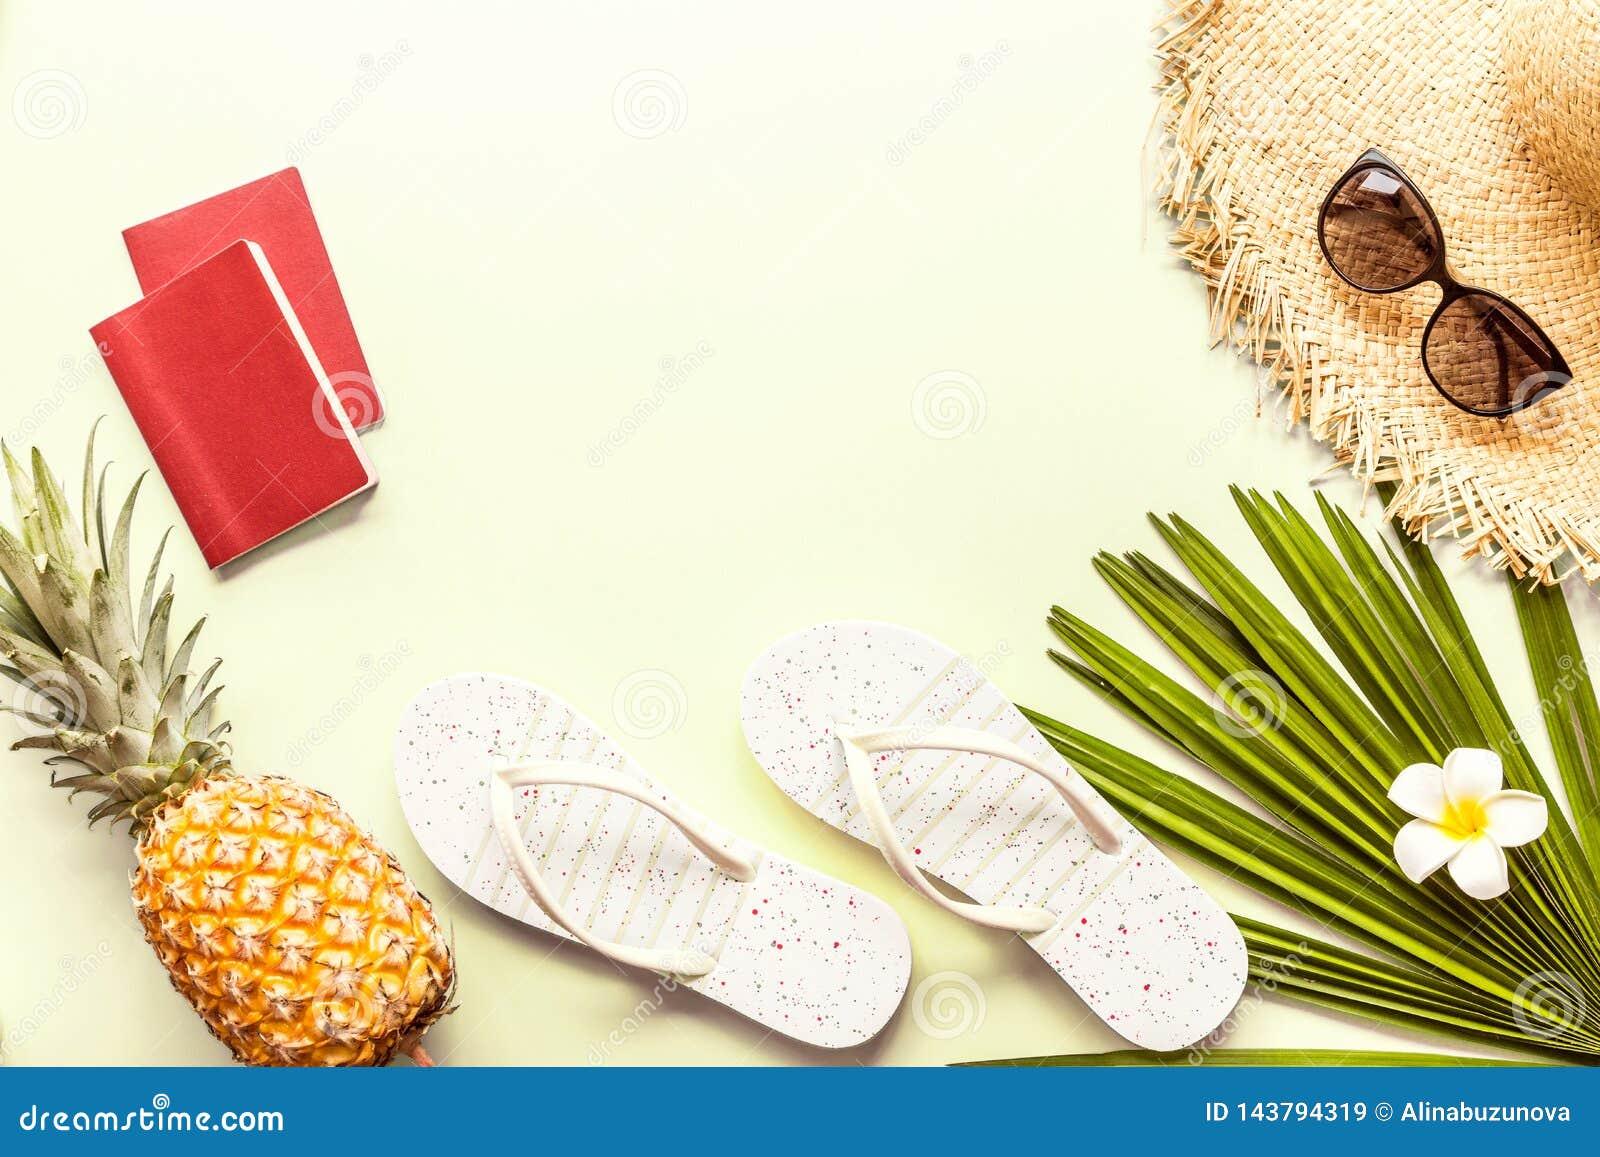 Articles étendus plats de voyage : deux passeports, ananas frais, lunettes de soleil, pantoufles de plage, fleur tropicale et pal